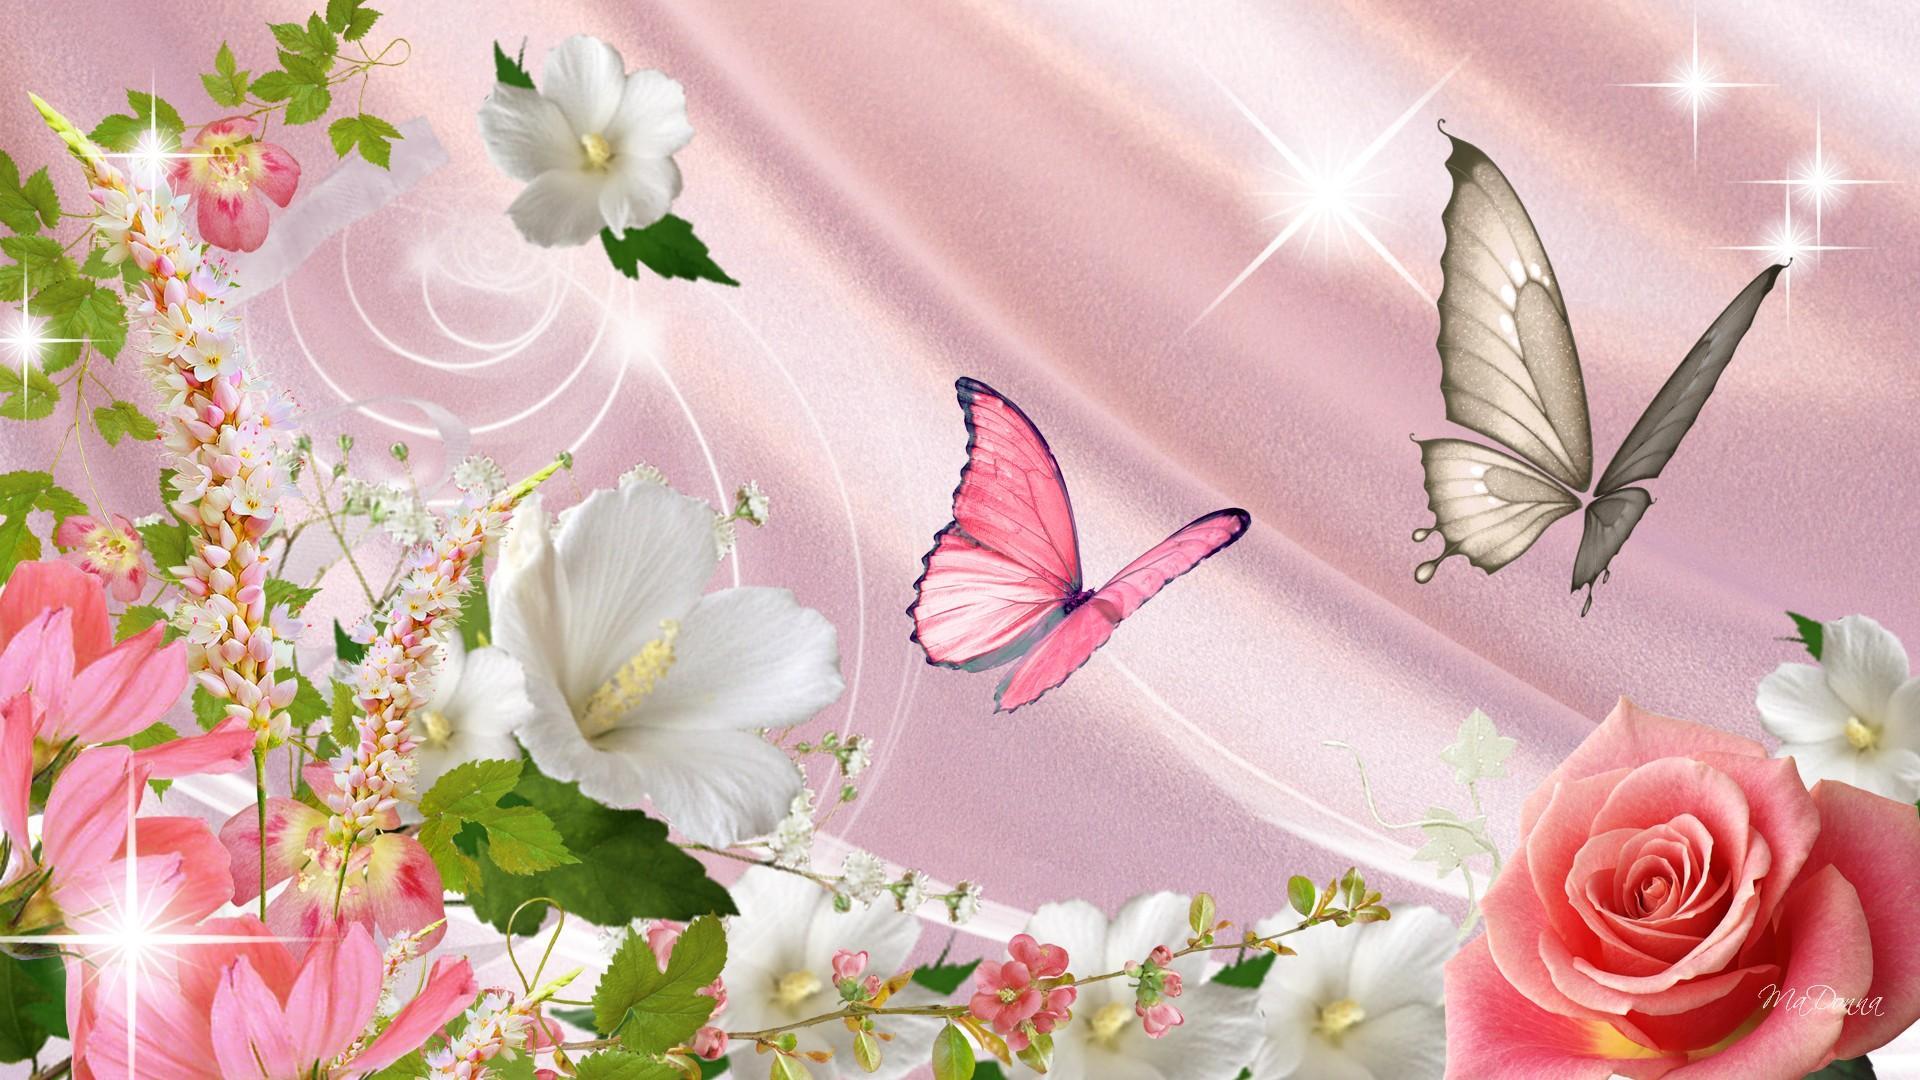 Spring Flowers Butterflies 1920x1080